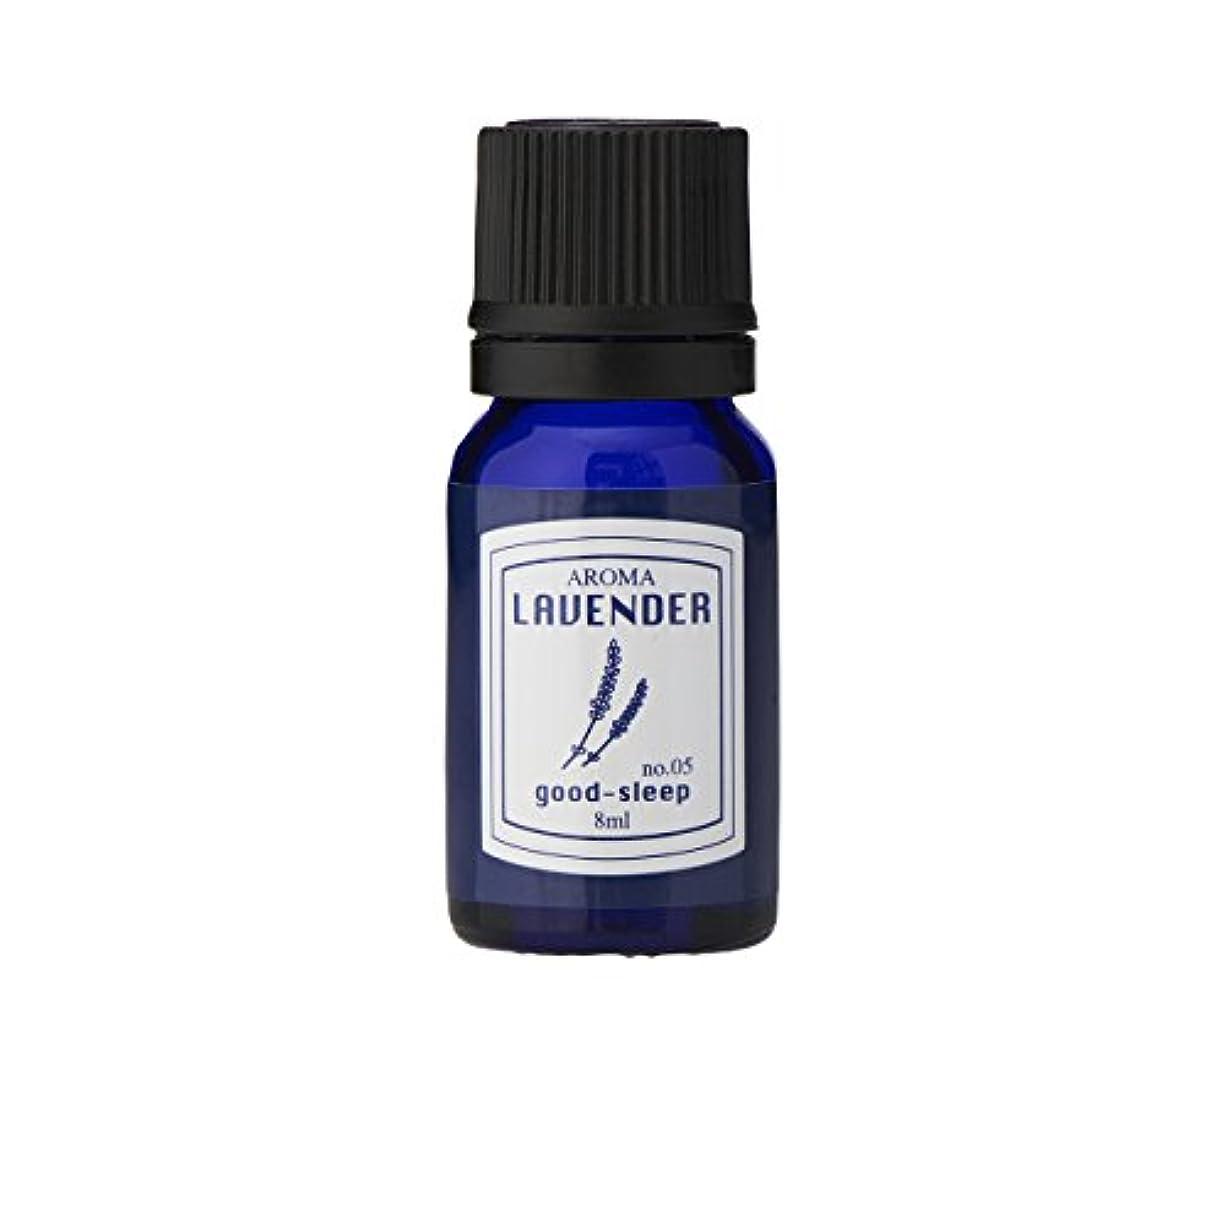 品今日わかるブルーラベル アロマエッセンス8ml ラベンダー(アロマオイル 調合香料 芳香用 心落ち着ける清々しい香り)